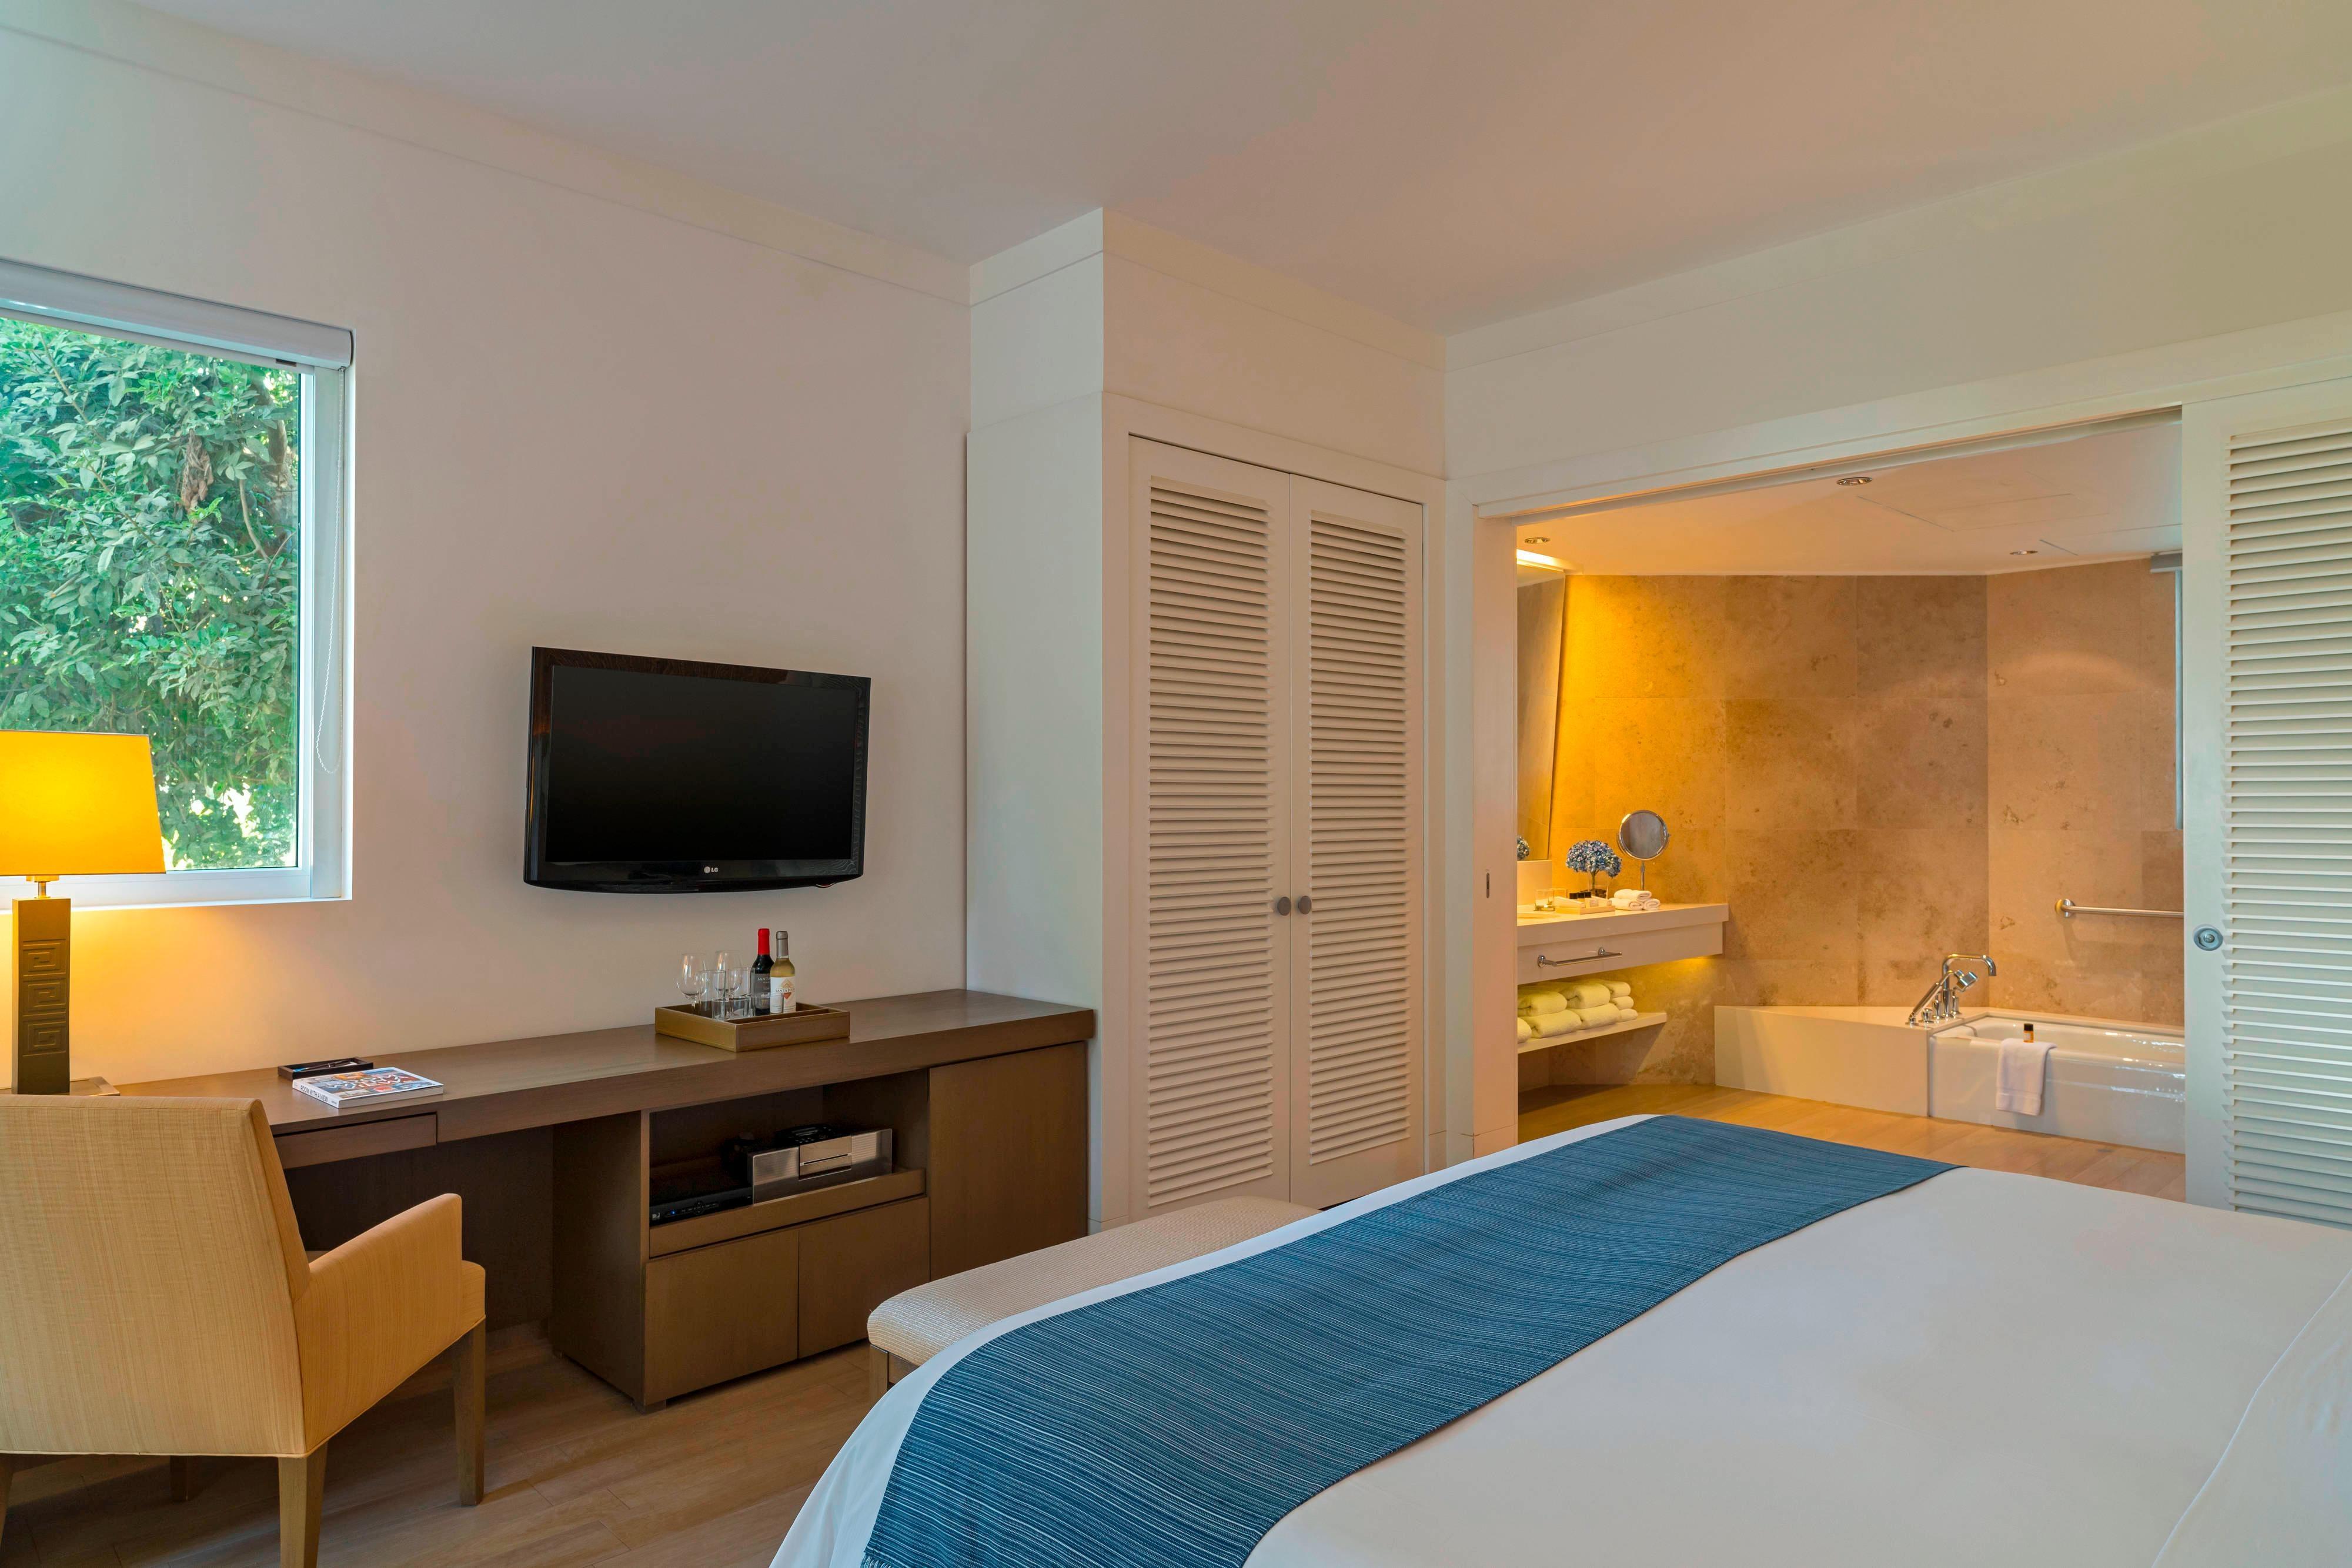 Chambre avec lit king size et vue sur le jardin, accessible aux personnes à mobilité réduite